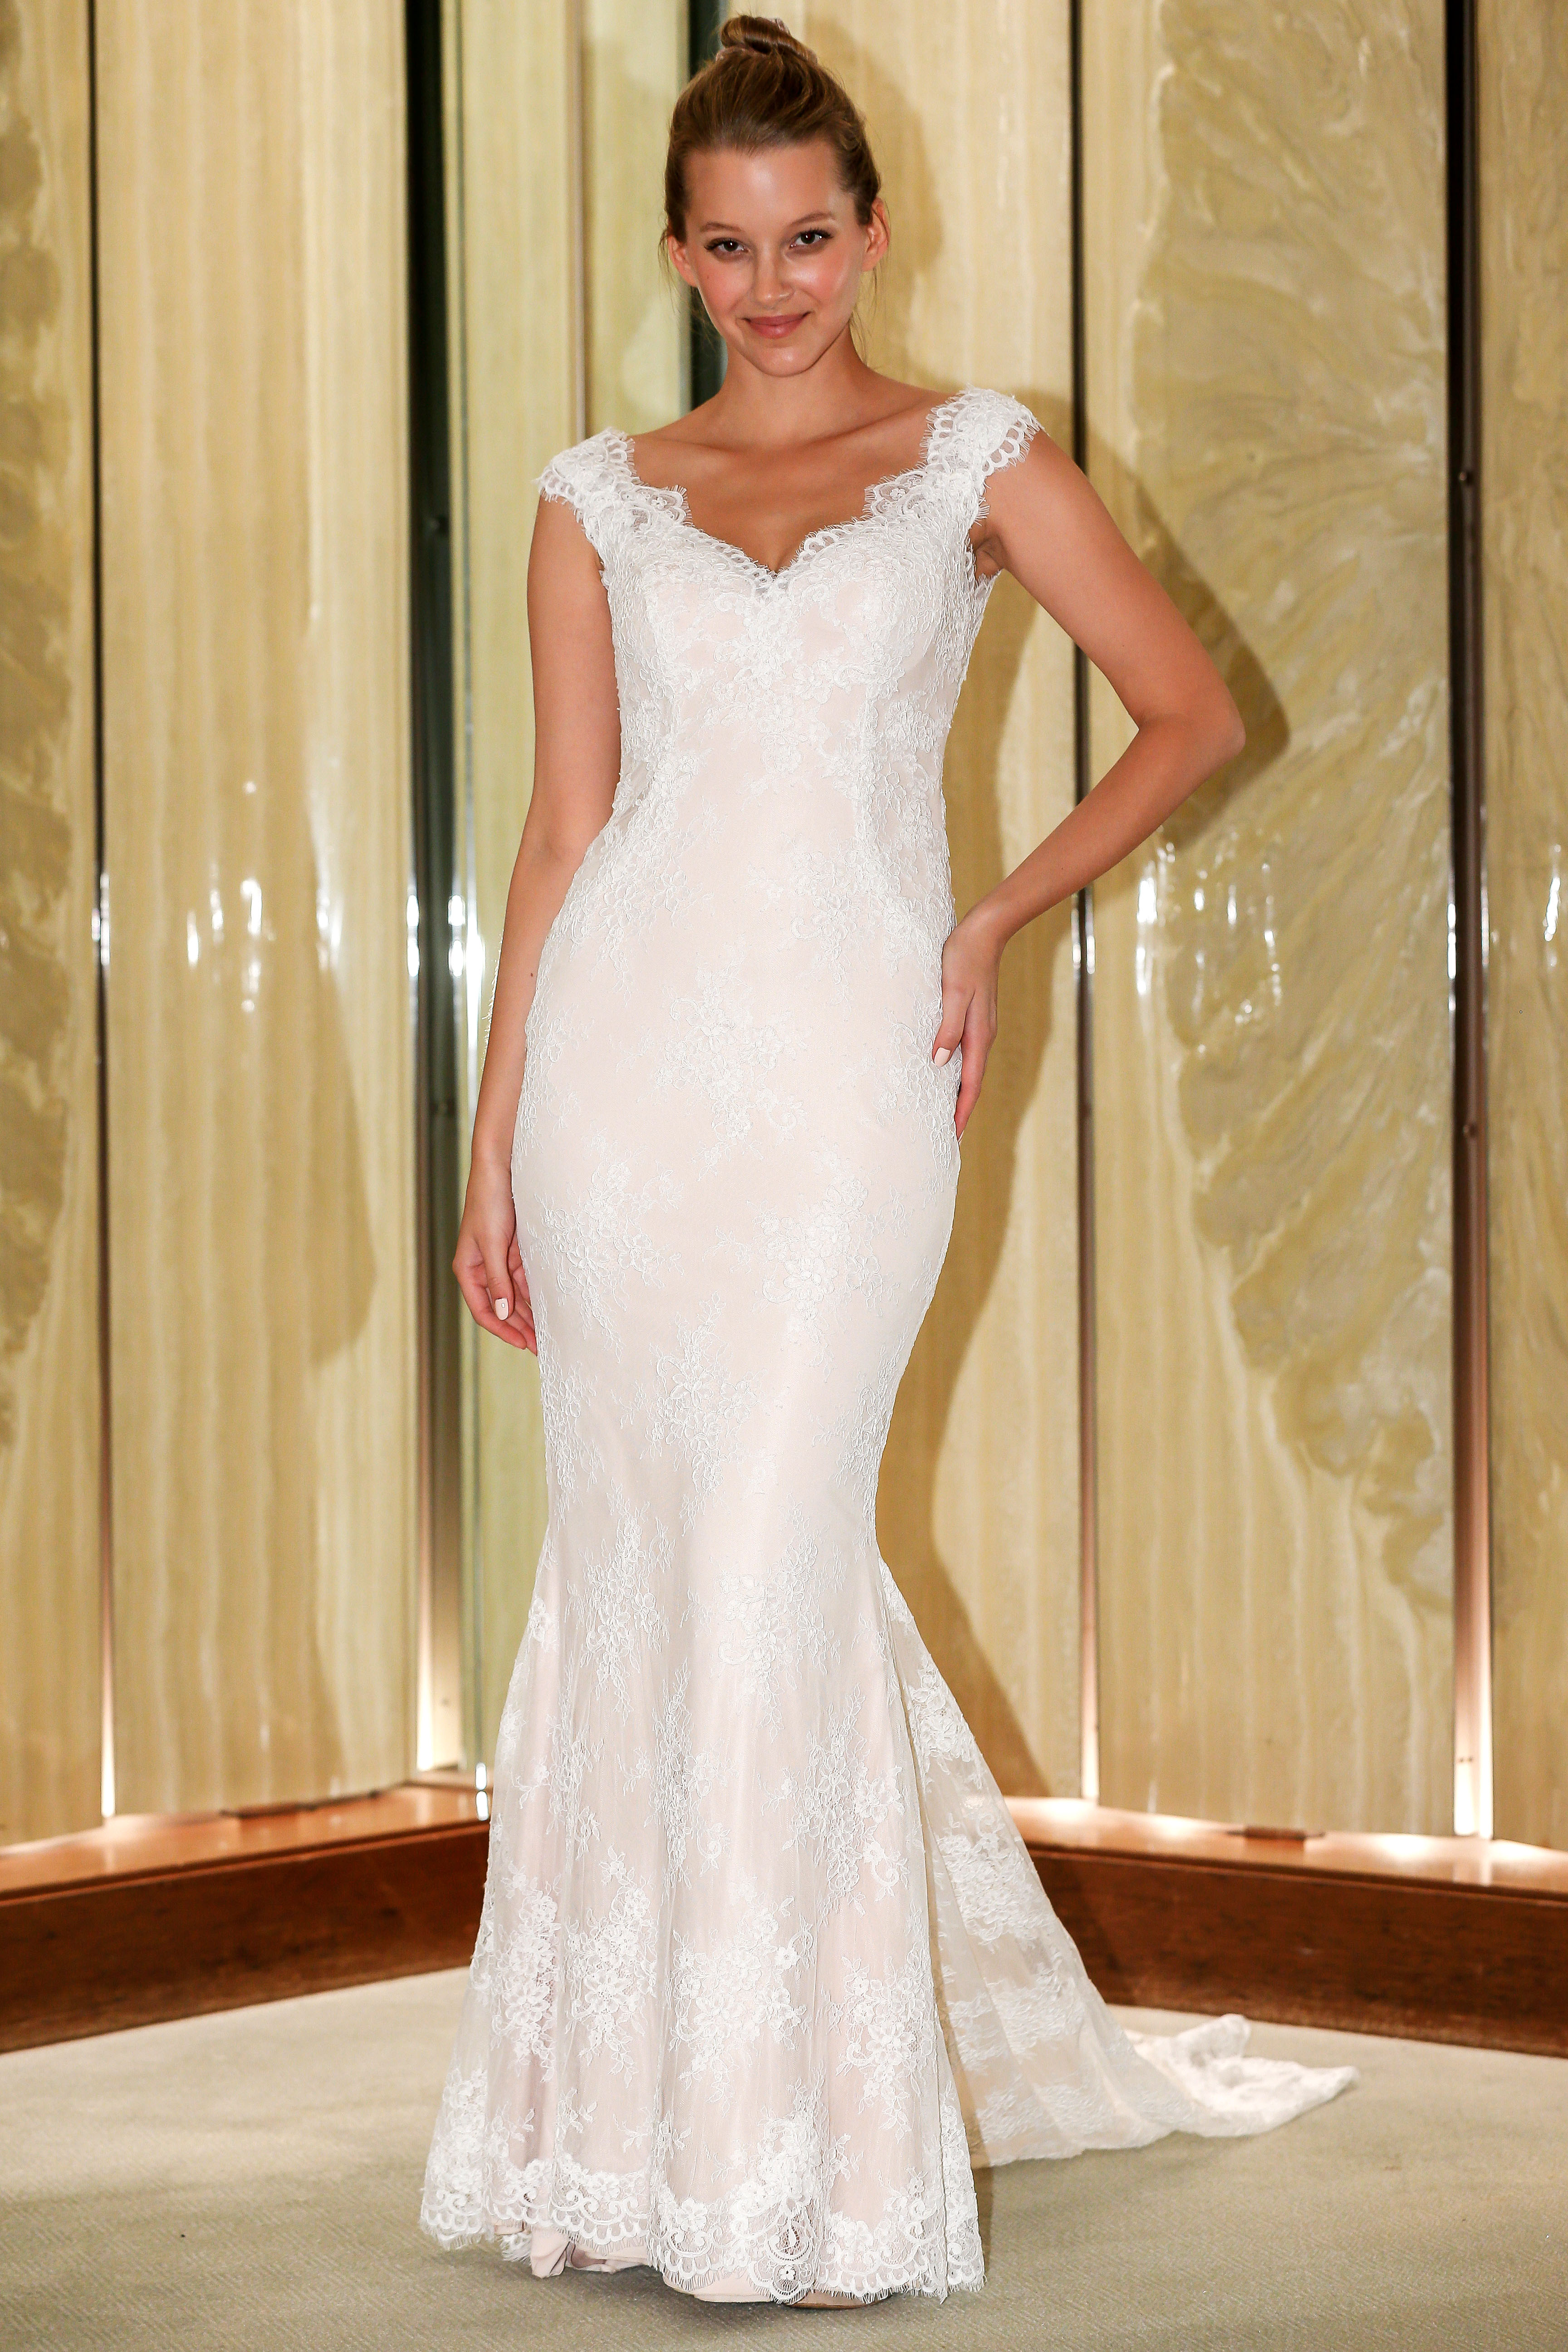 randy fenoli wedding dress cap sleeves lace trumpet v-neck